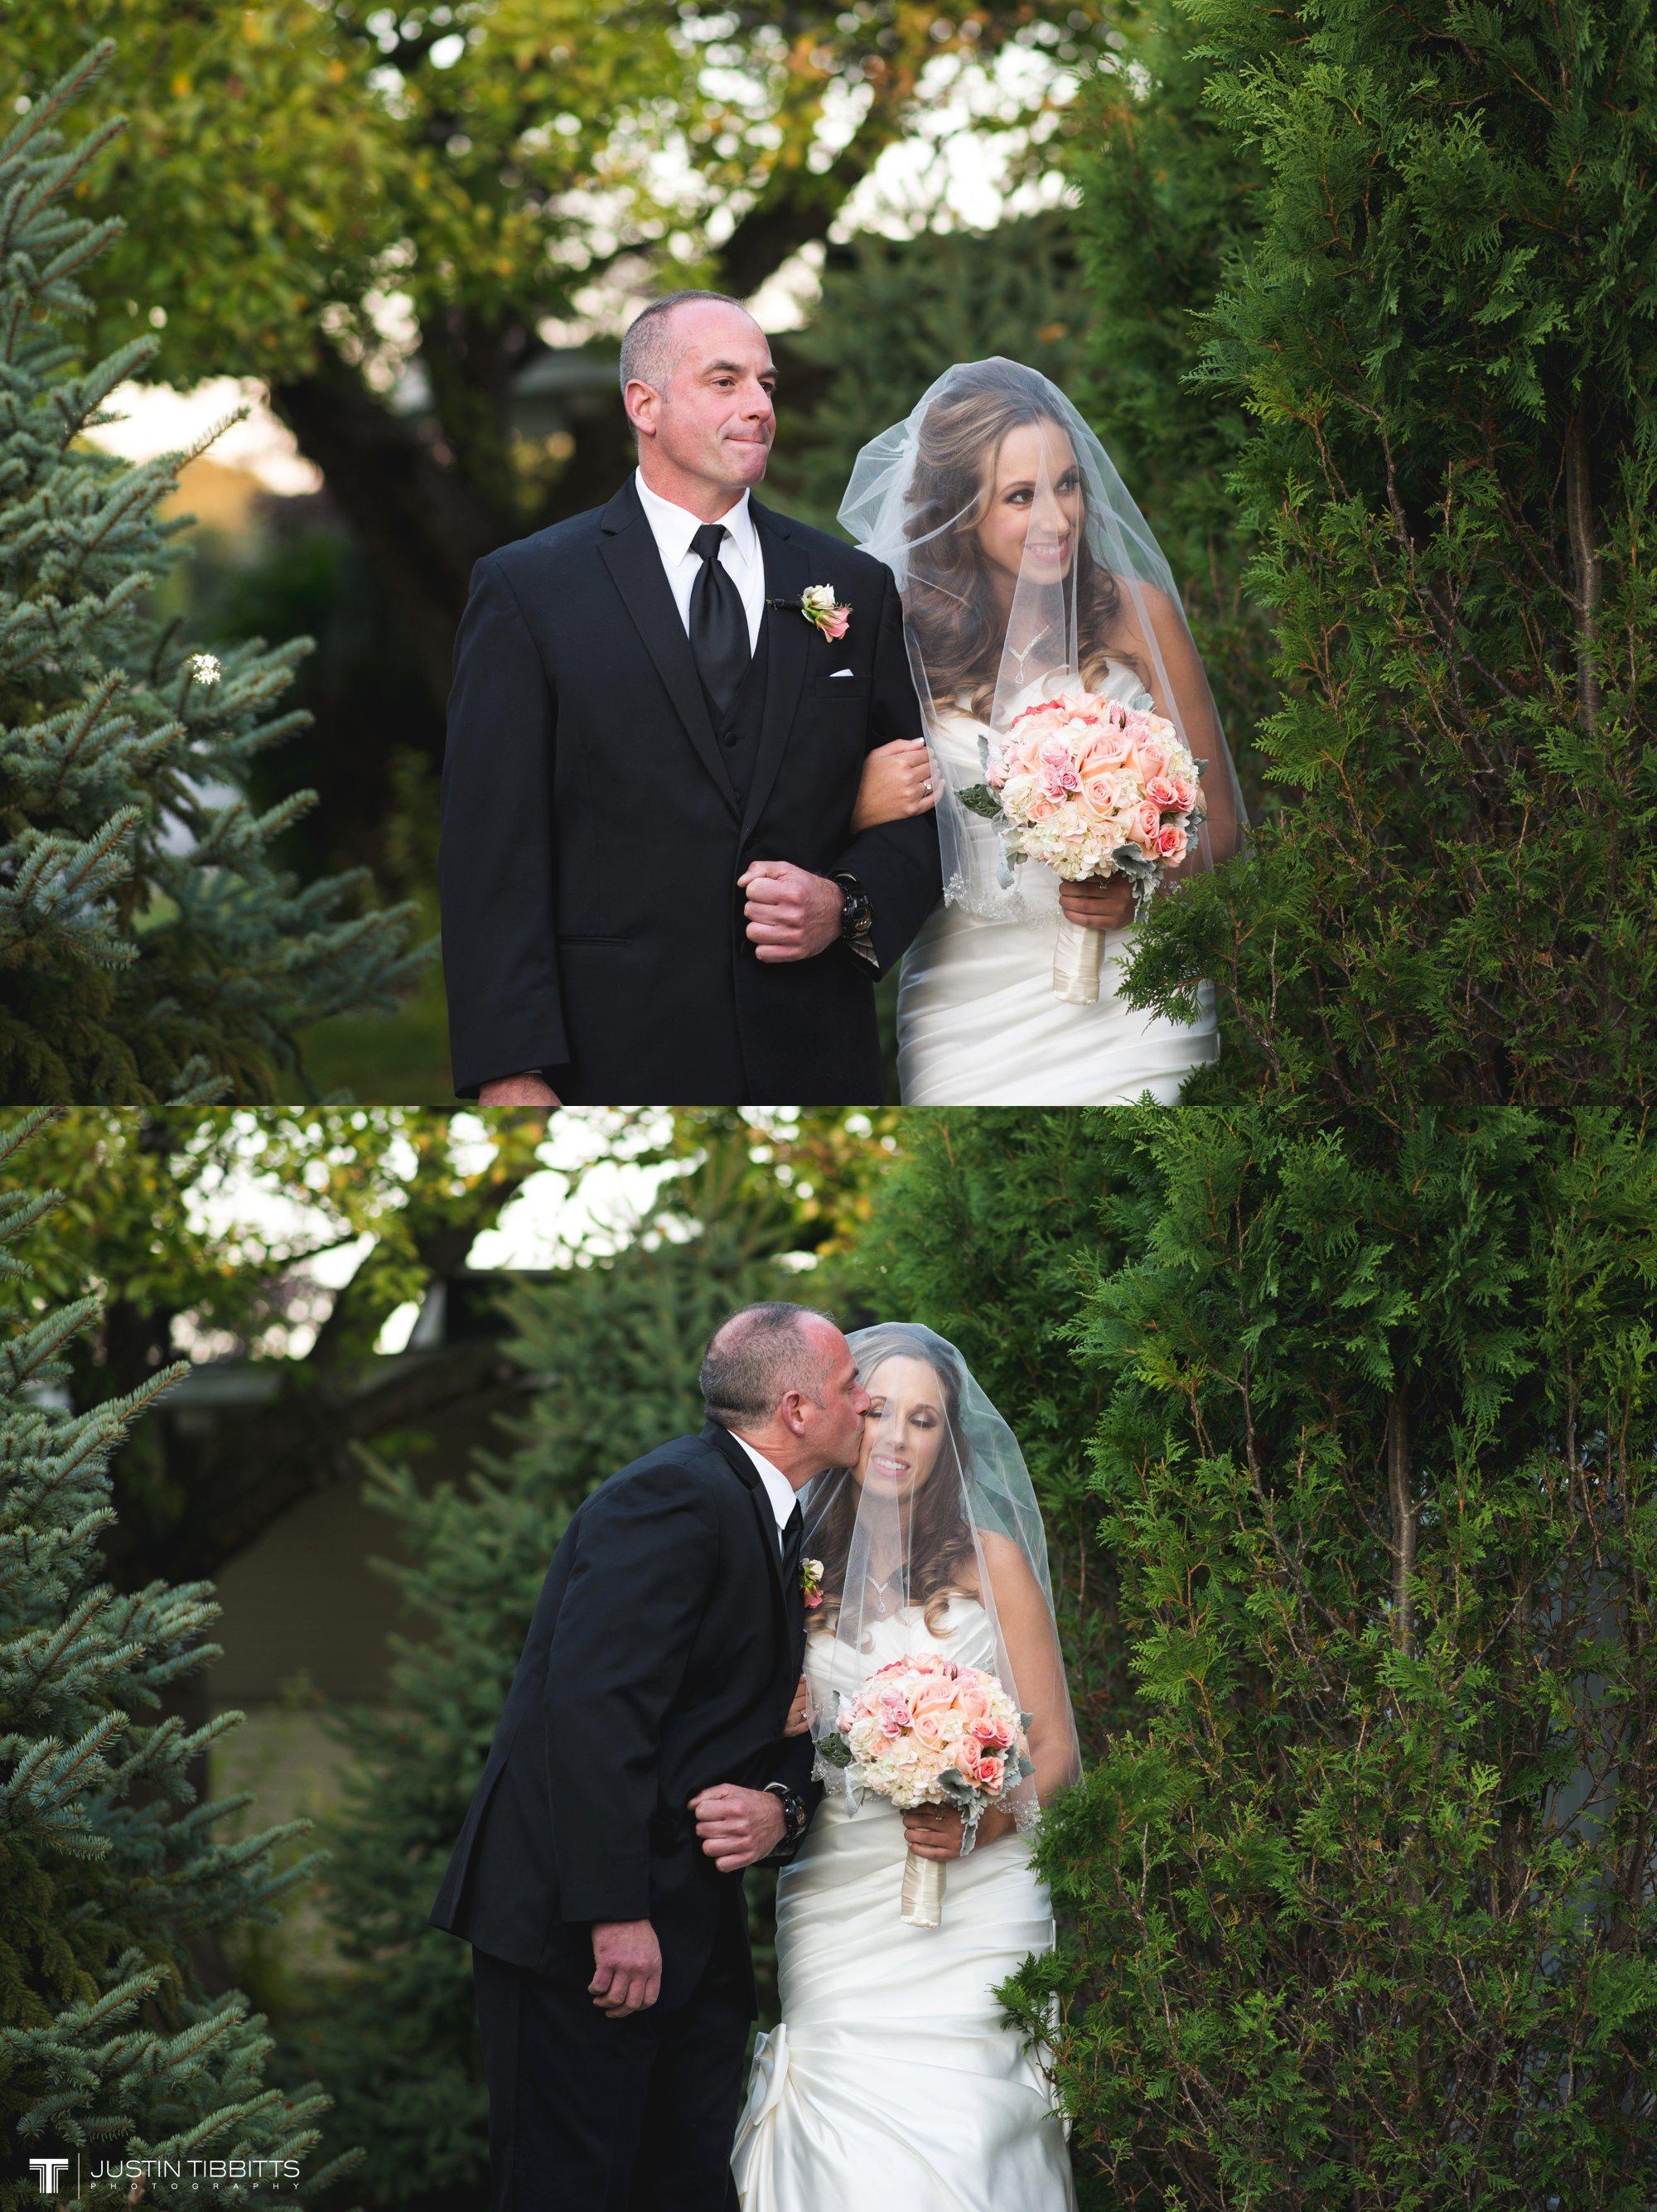 Albany NY Wedding Photographer Justin Tibbitts Photography 2014 Best of Albany NY Weddings-39534